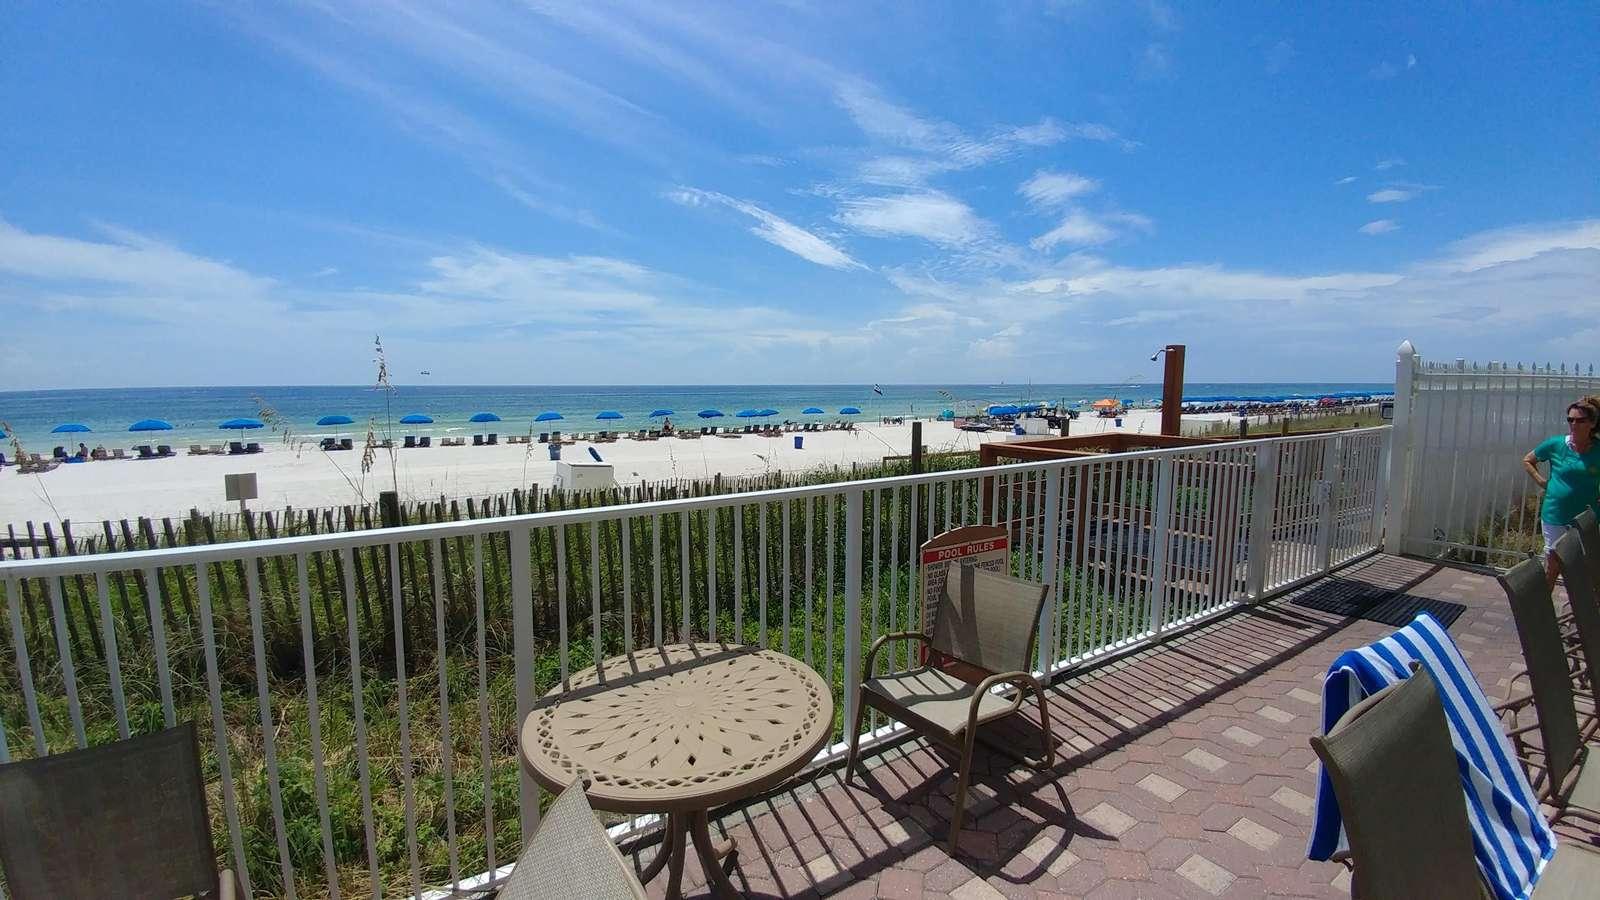 Beach-view pool deck!